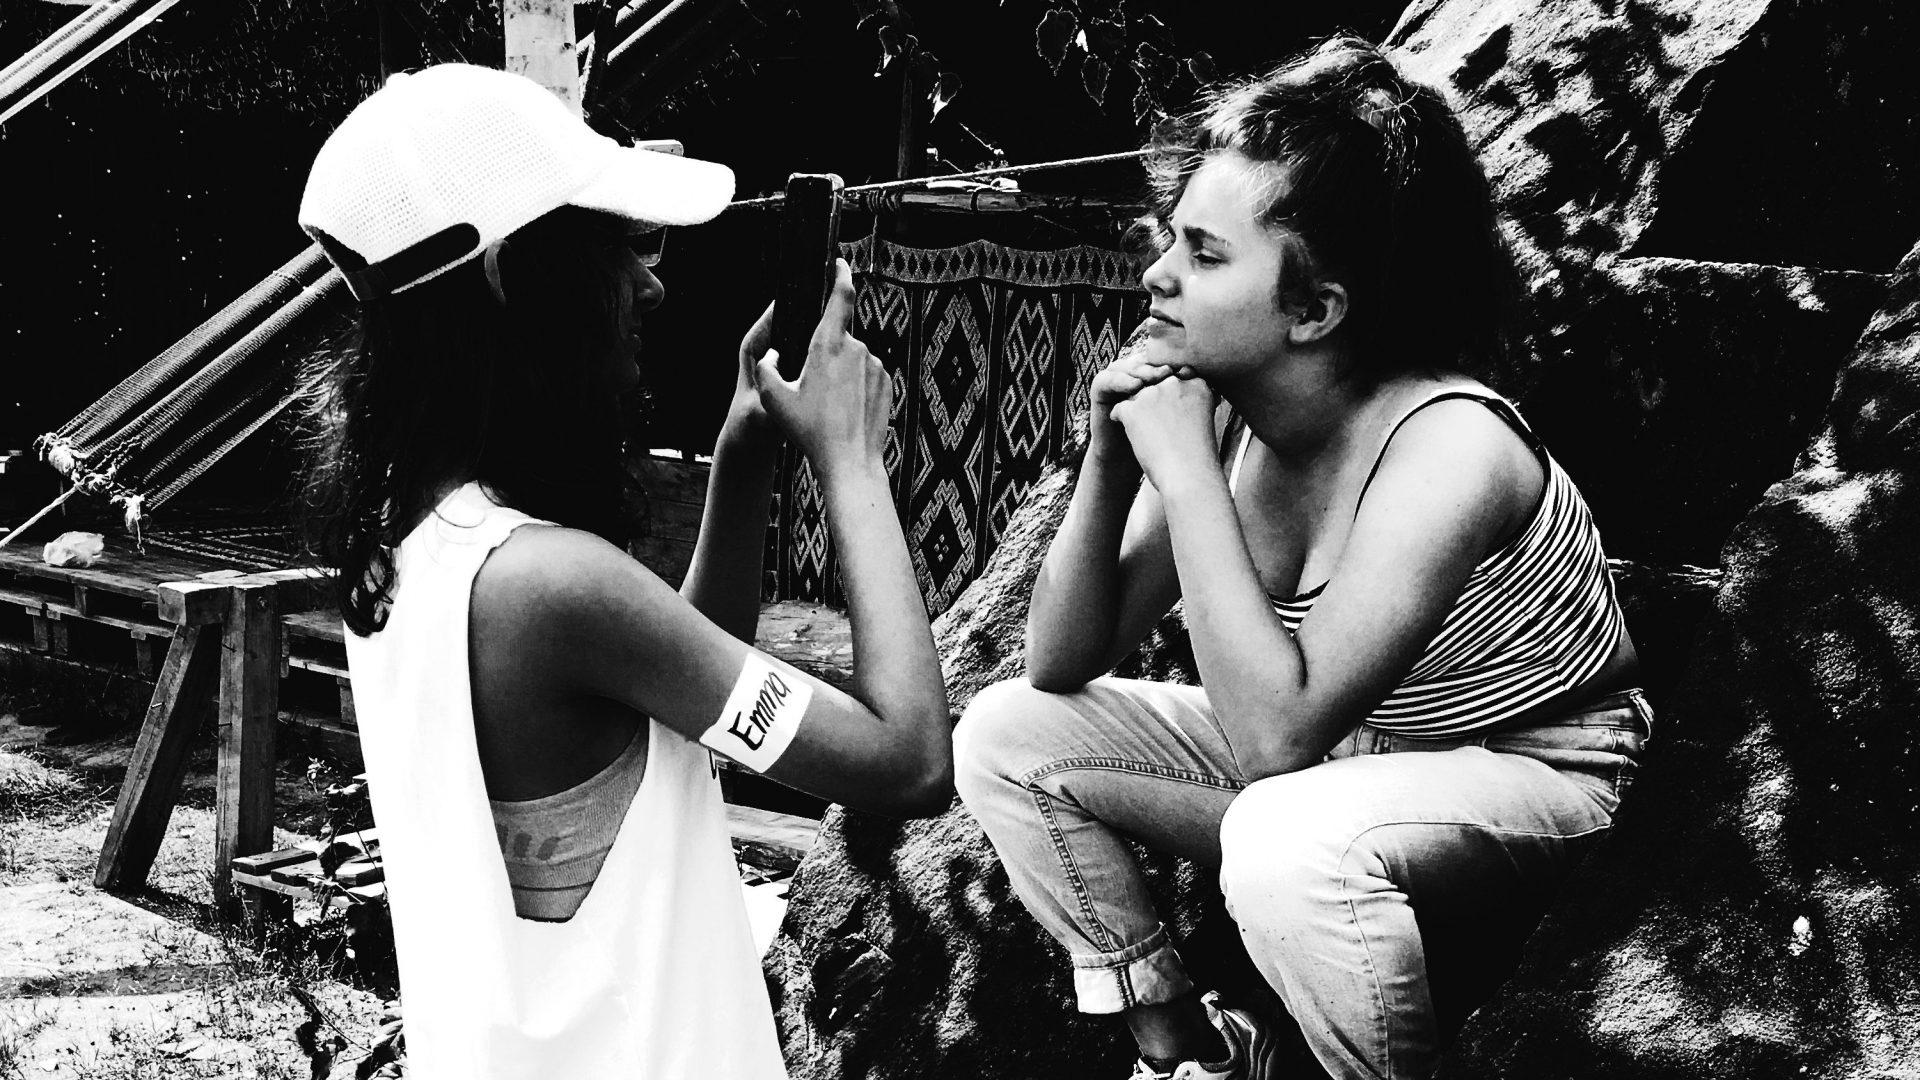 Ein Mädchen fotografiert ein anderes Mädchen